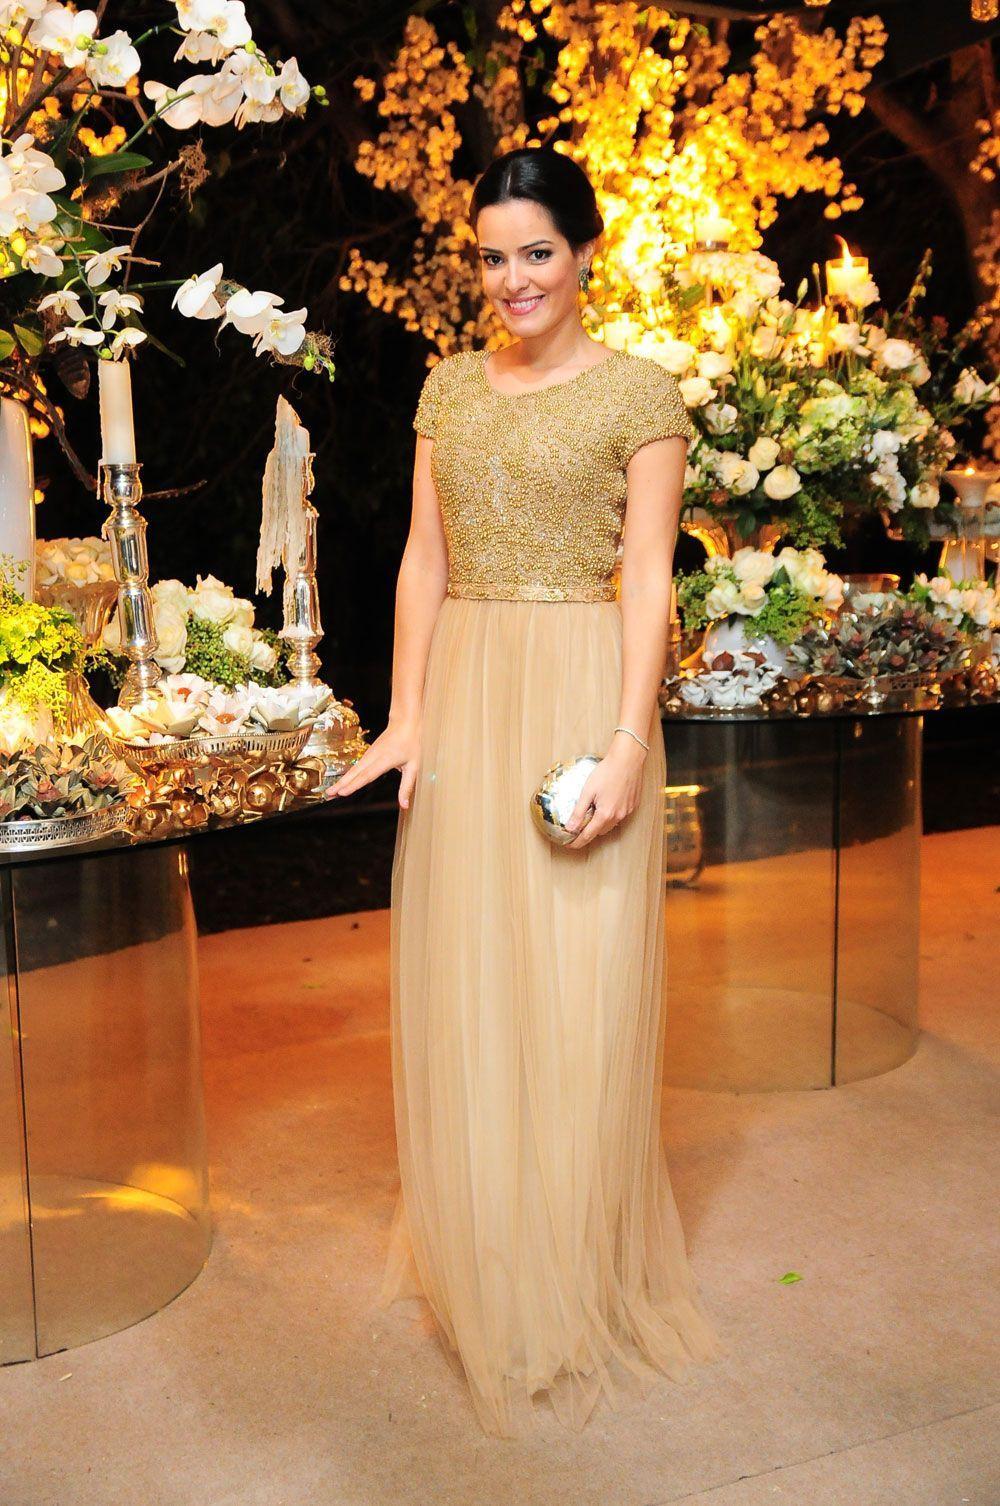 """Foto: Reprodução / <a href="""" http://www.blogdamariah.com.br/index.php/2012/05/look-do-dia-casamento-2/"""" target=""""_blank"""">Blog da Mariah</a>"""